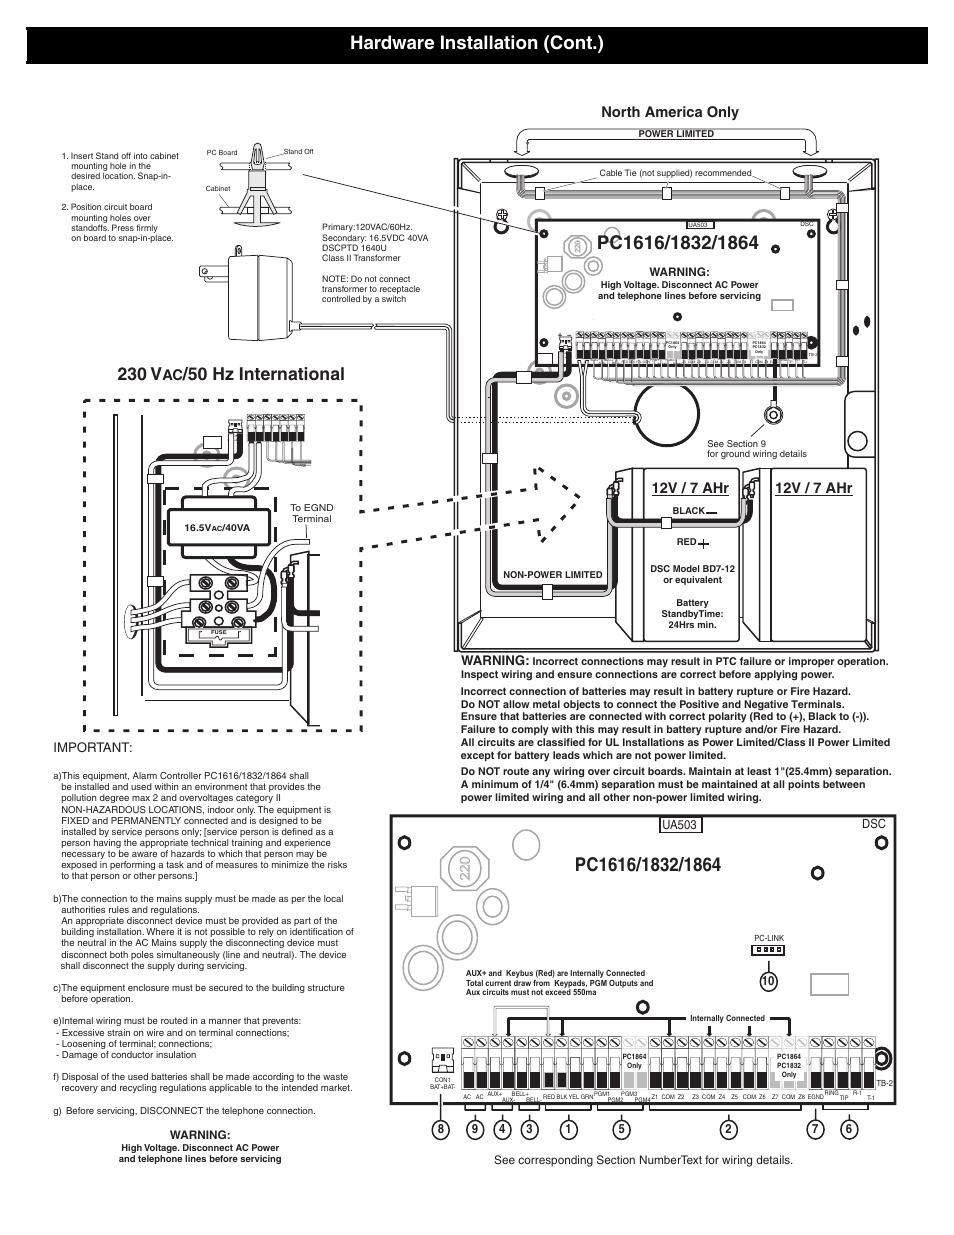 medium resolution of 12v 7 ahr 12v 7 ahr north america only dsc powerseries pc1616 hardware installation